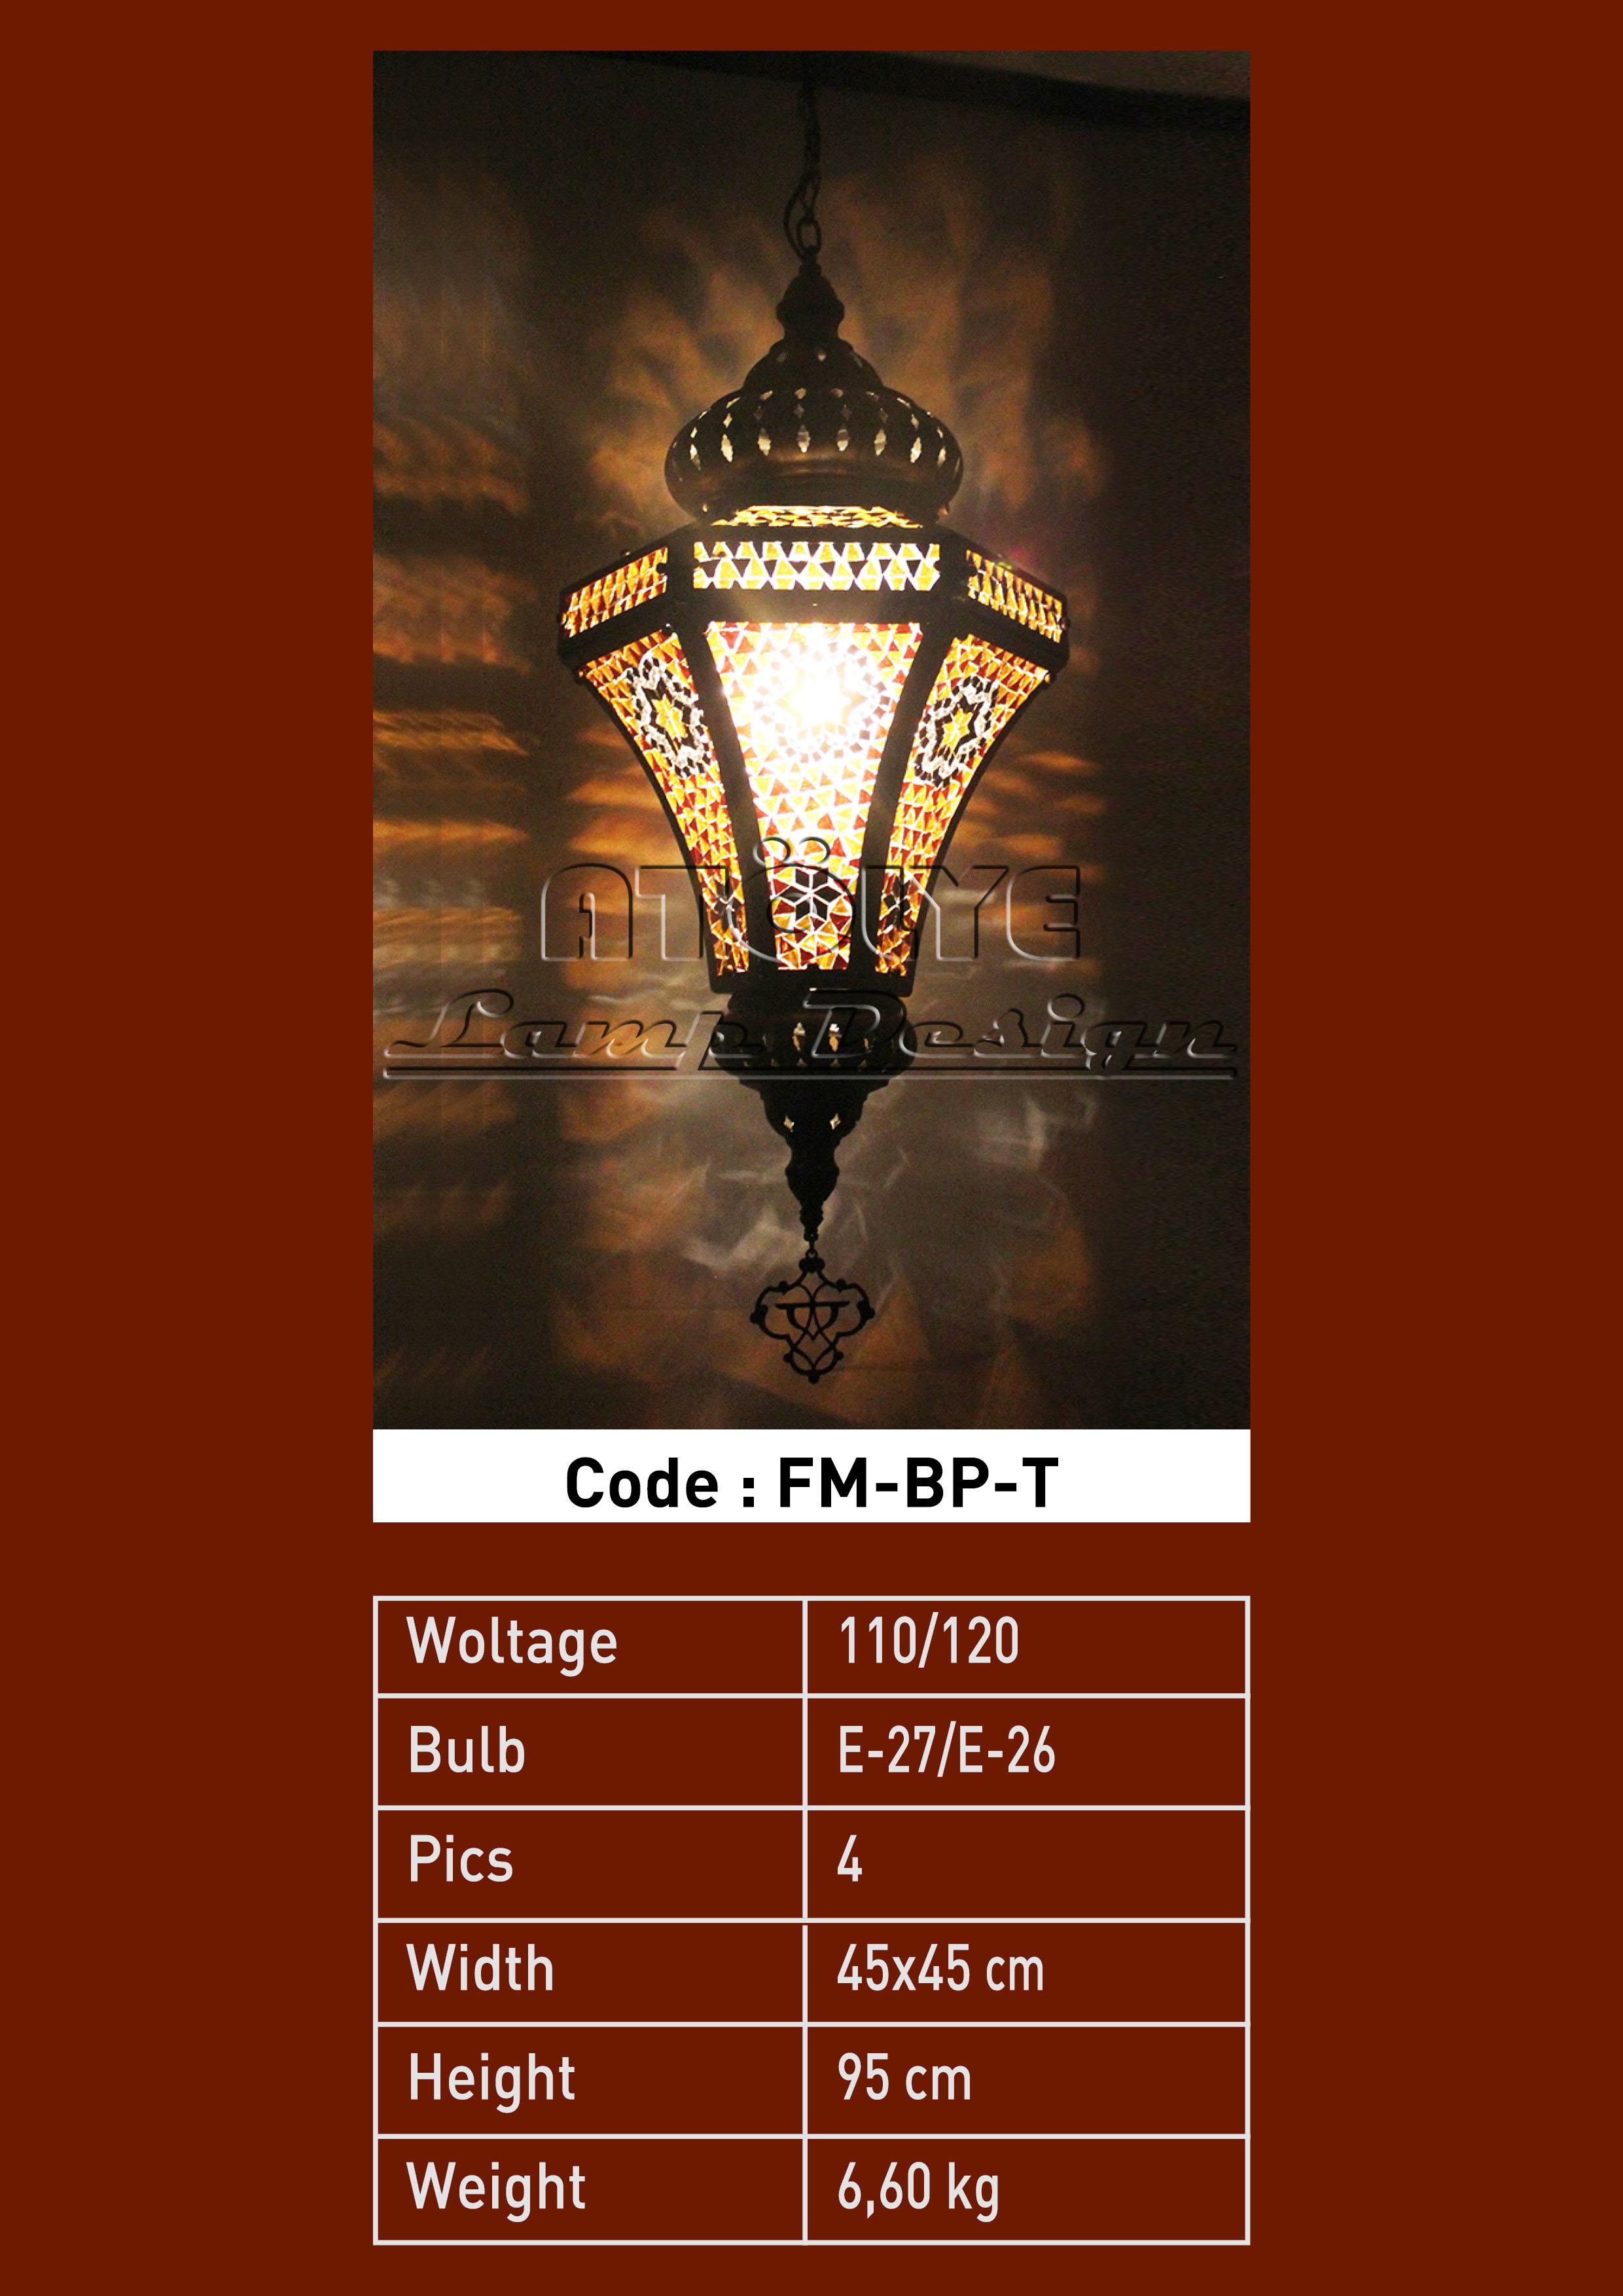 mozaik lamba fener prizma büyük